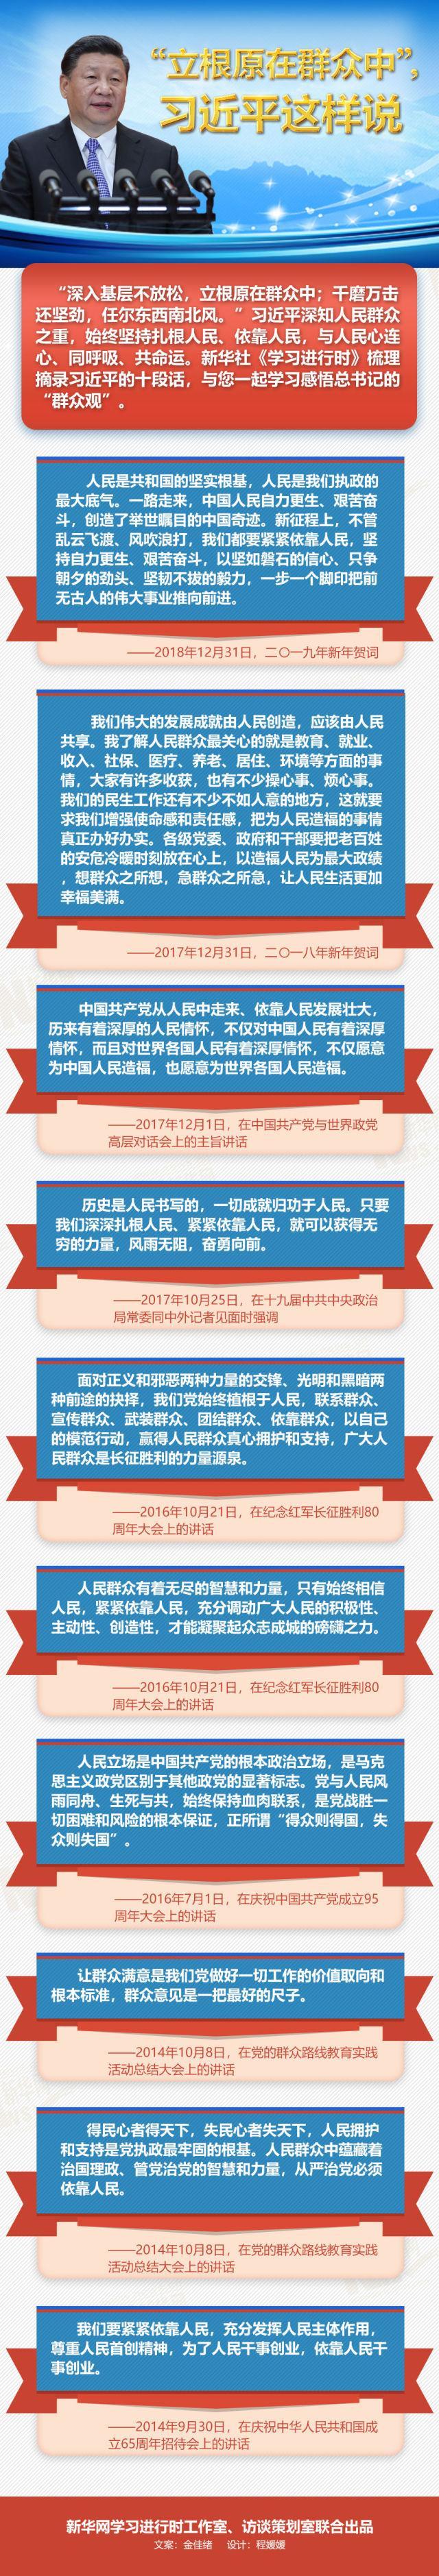 """向贫困地区捐赠""""扶贫苗""""的安吉黄杜村农民党员―千里"""